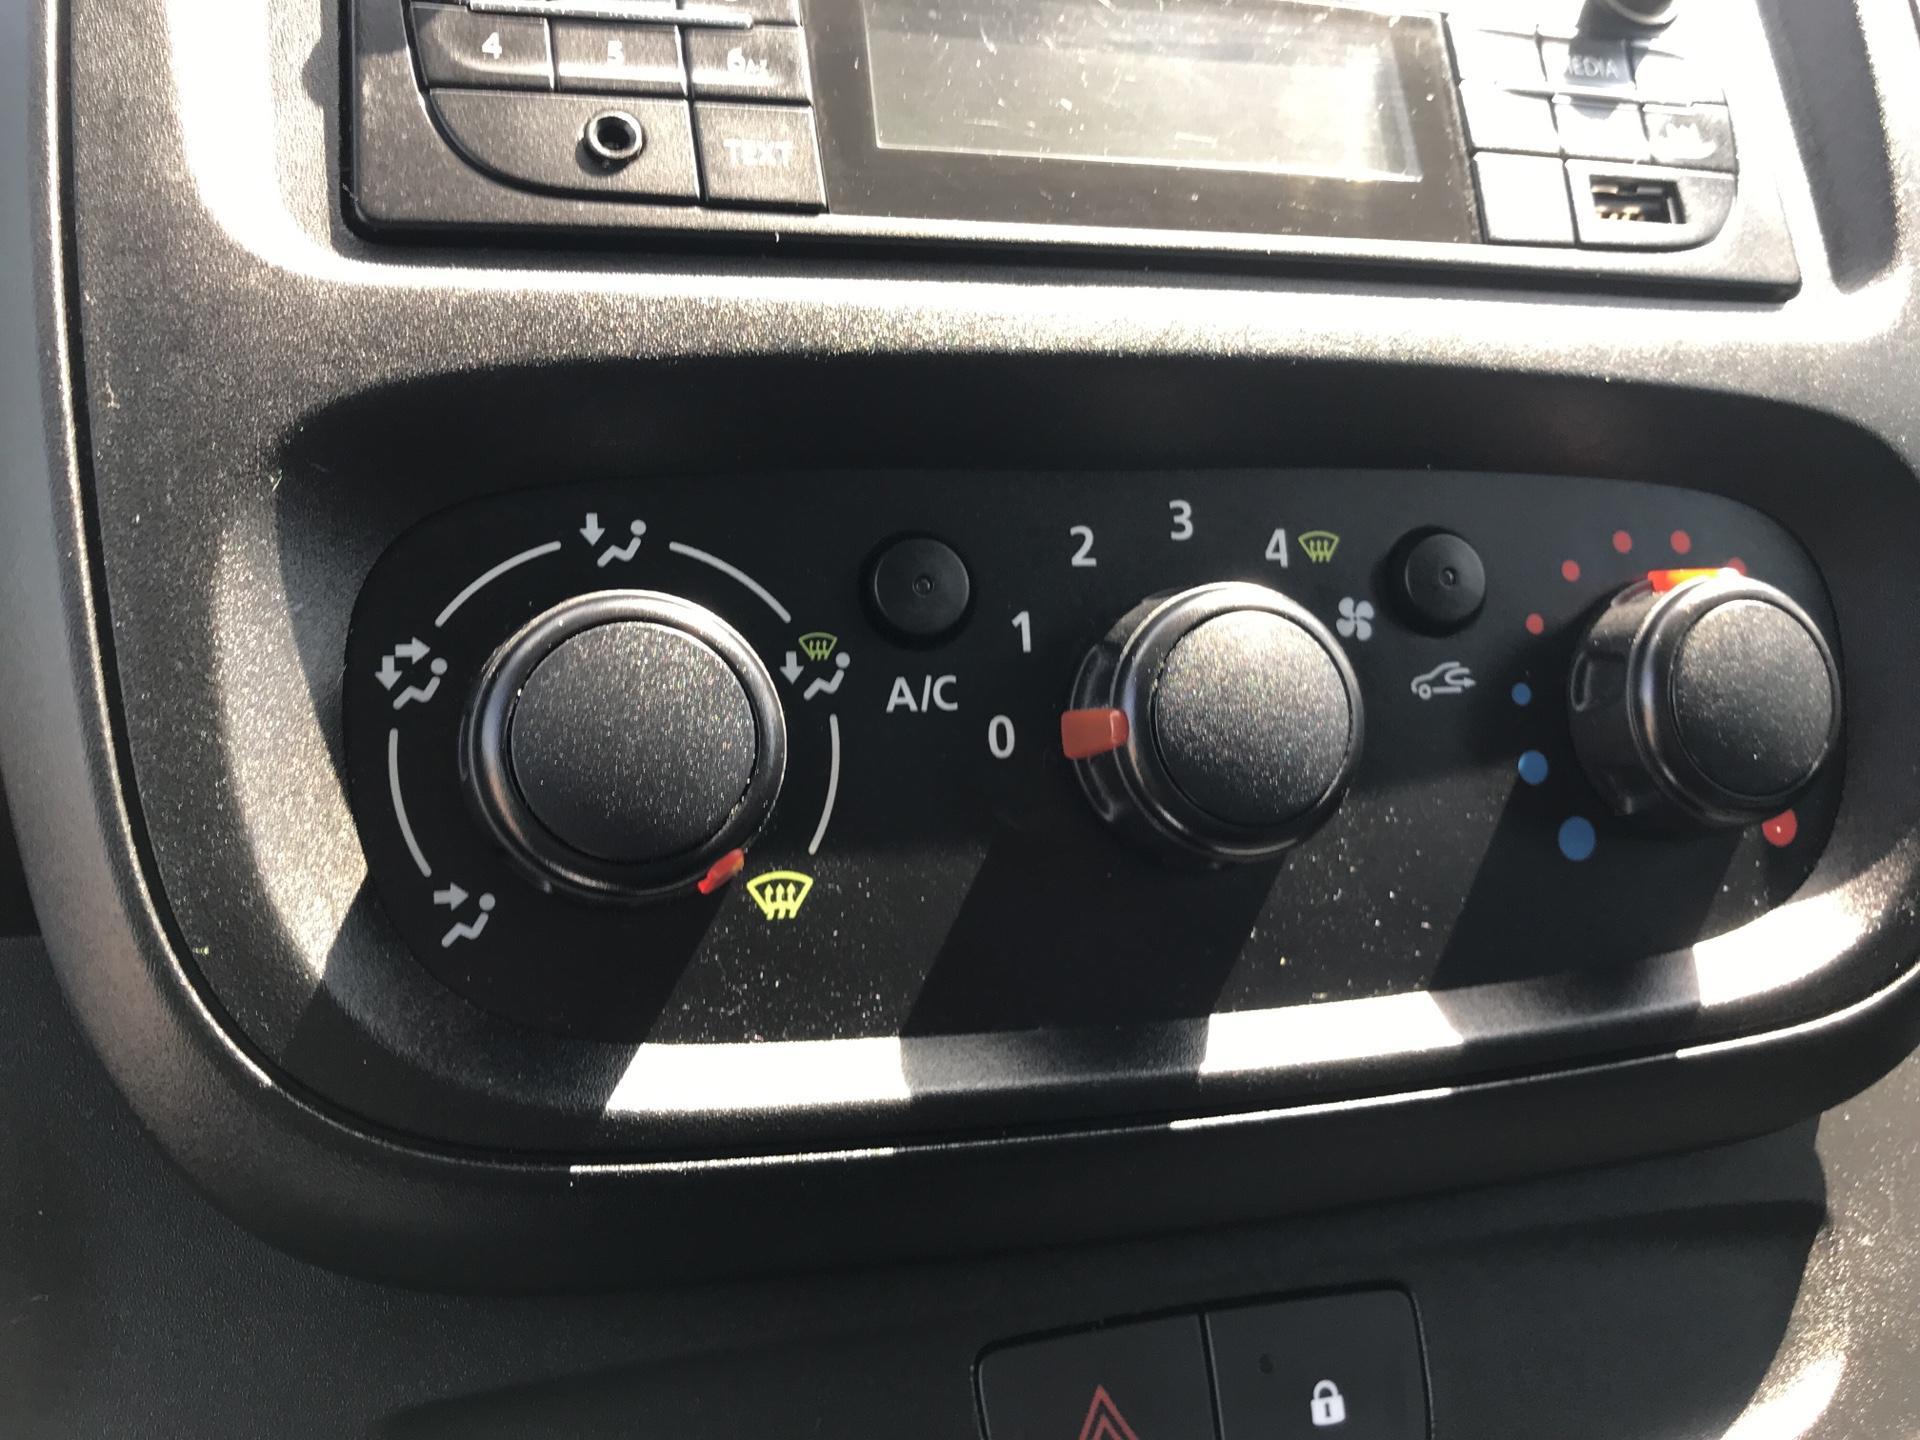 2017 Vauxhall Vivaro L2 H1 2900 1.6 95PS EURO 6 (BK17ONM) Image 16